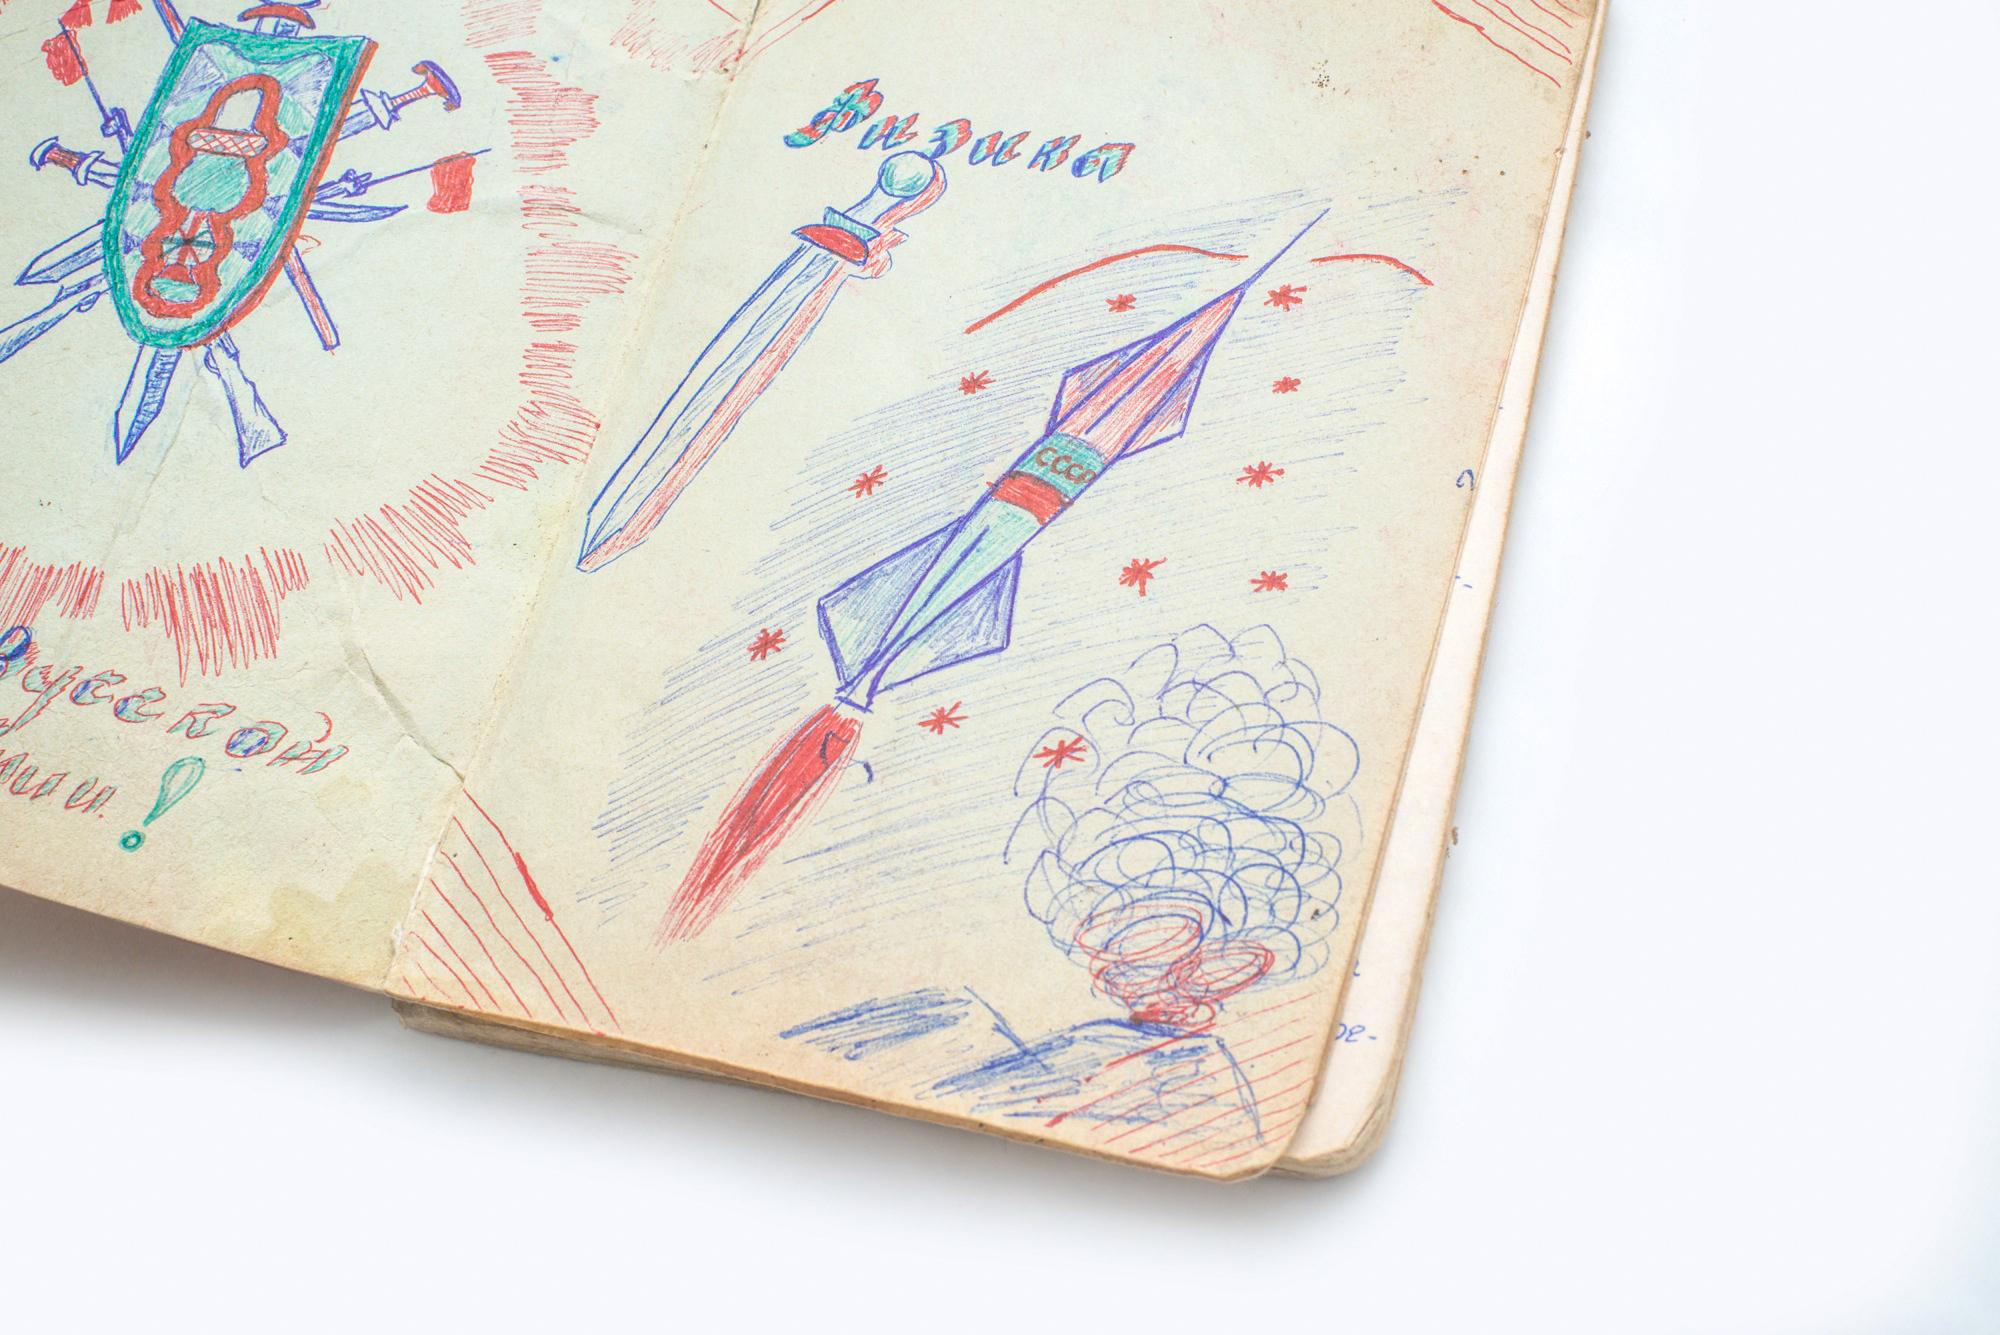 exercisebooks 7